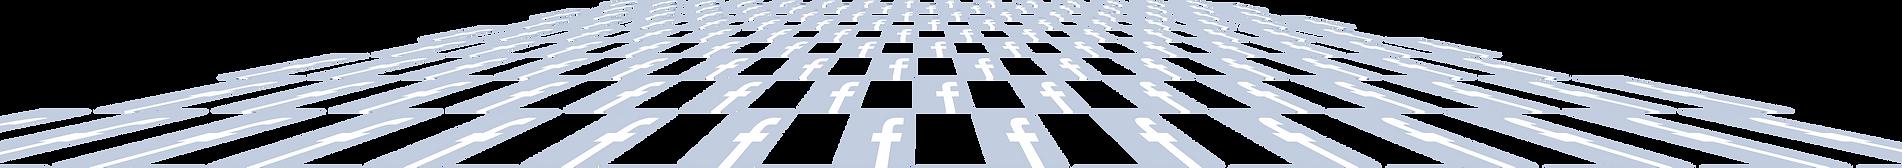 Facebook mosaique 3.png